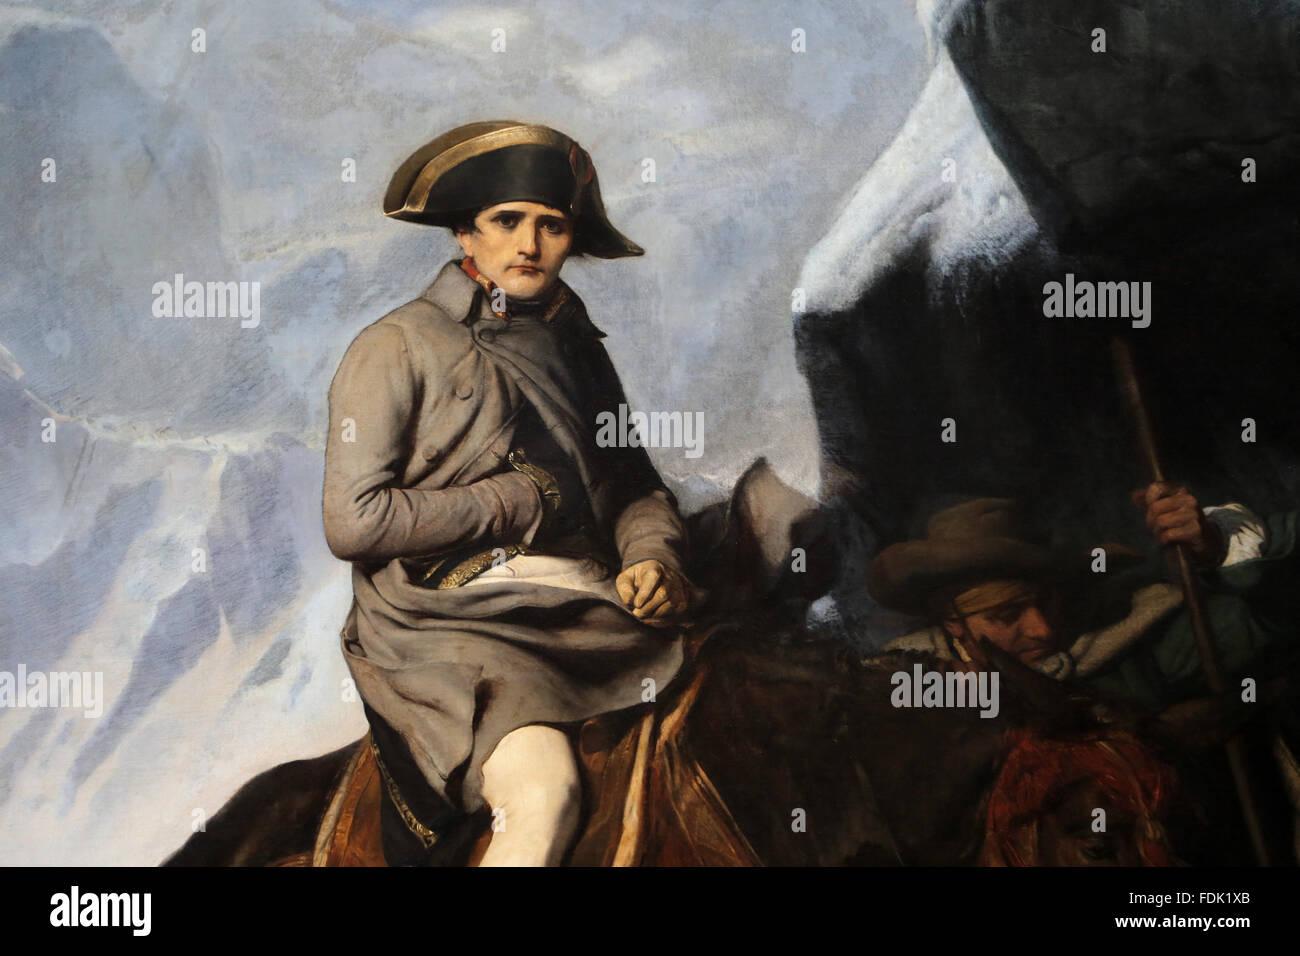 Napoléon Bonaparte (1769-1821). Bonaparte franchissant les Alpes, 1850. Par Paul Delaroche (1797-1856). Route Photo Stock